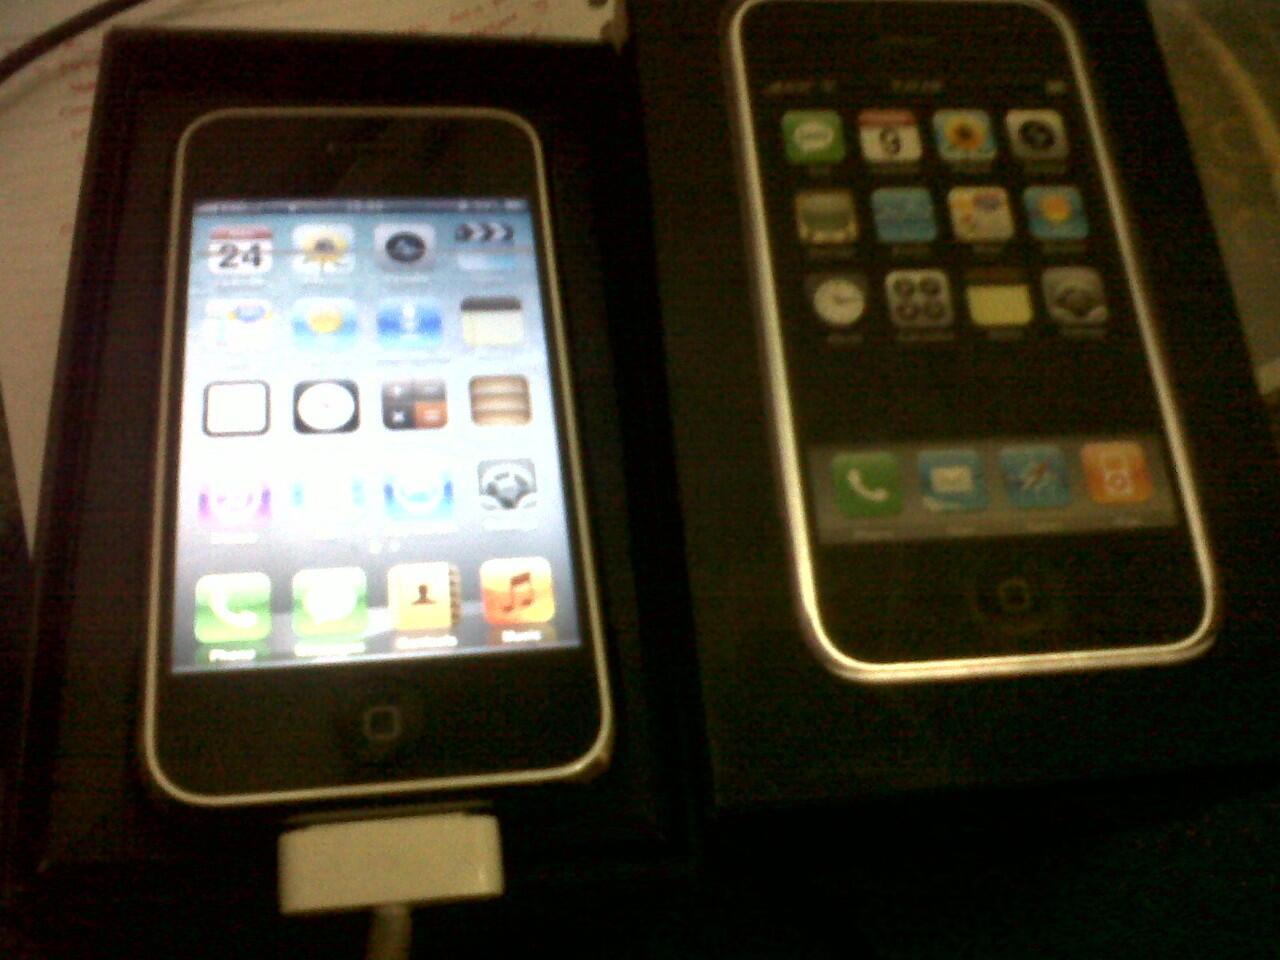 Jual iphone 2G Dusbuk, 800ribuan (Bandung)